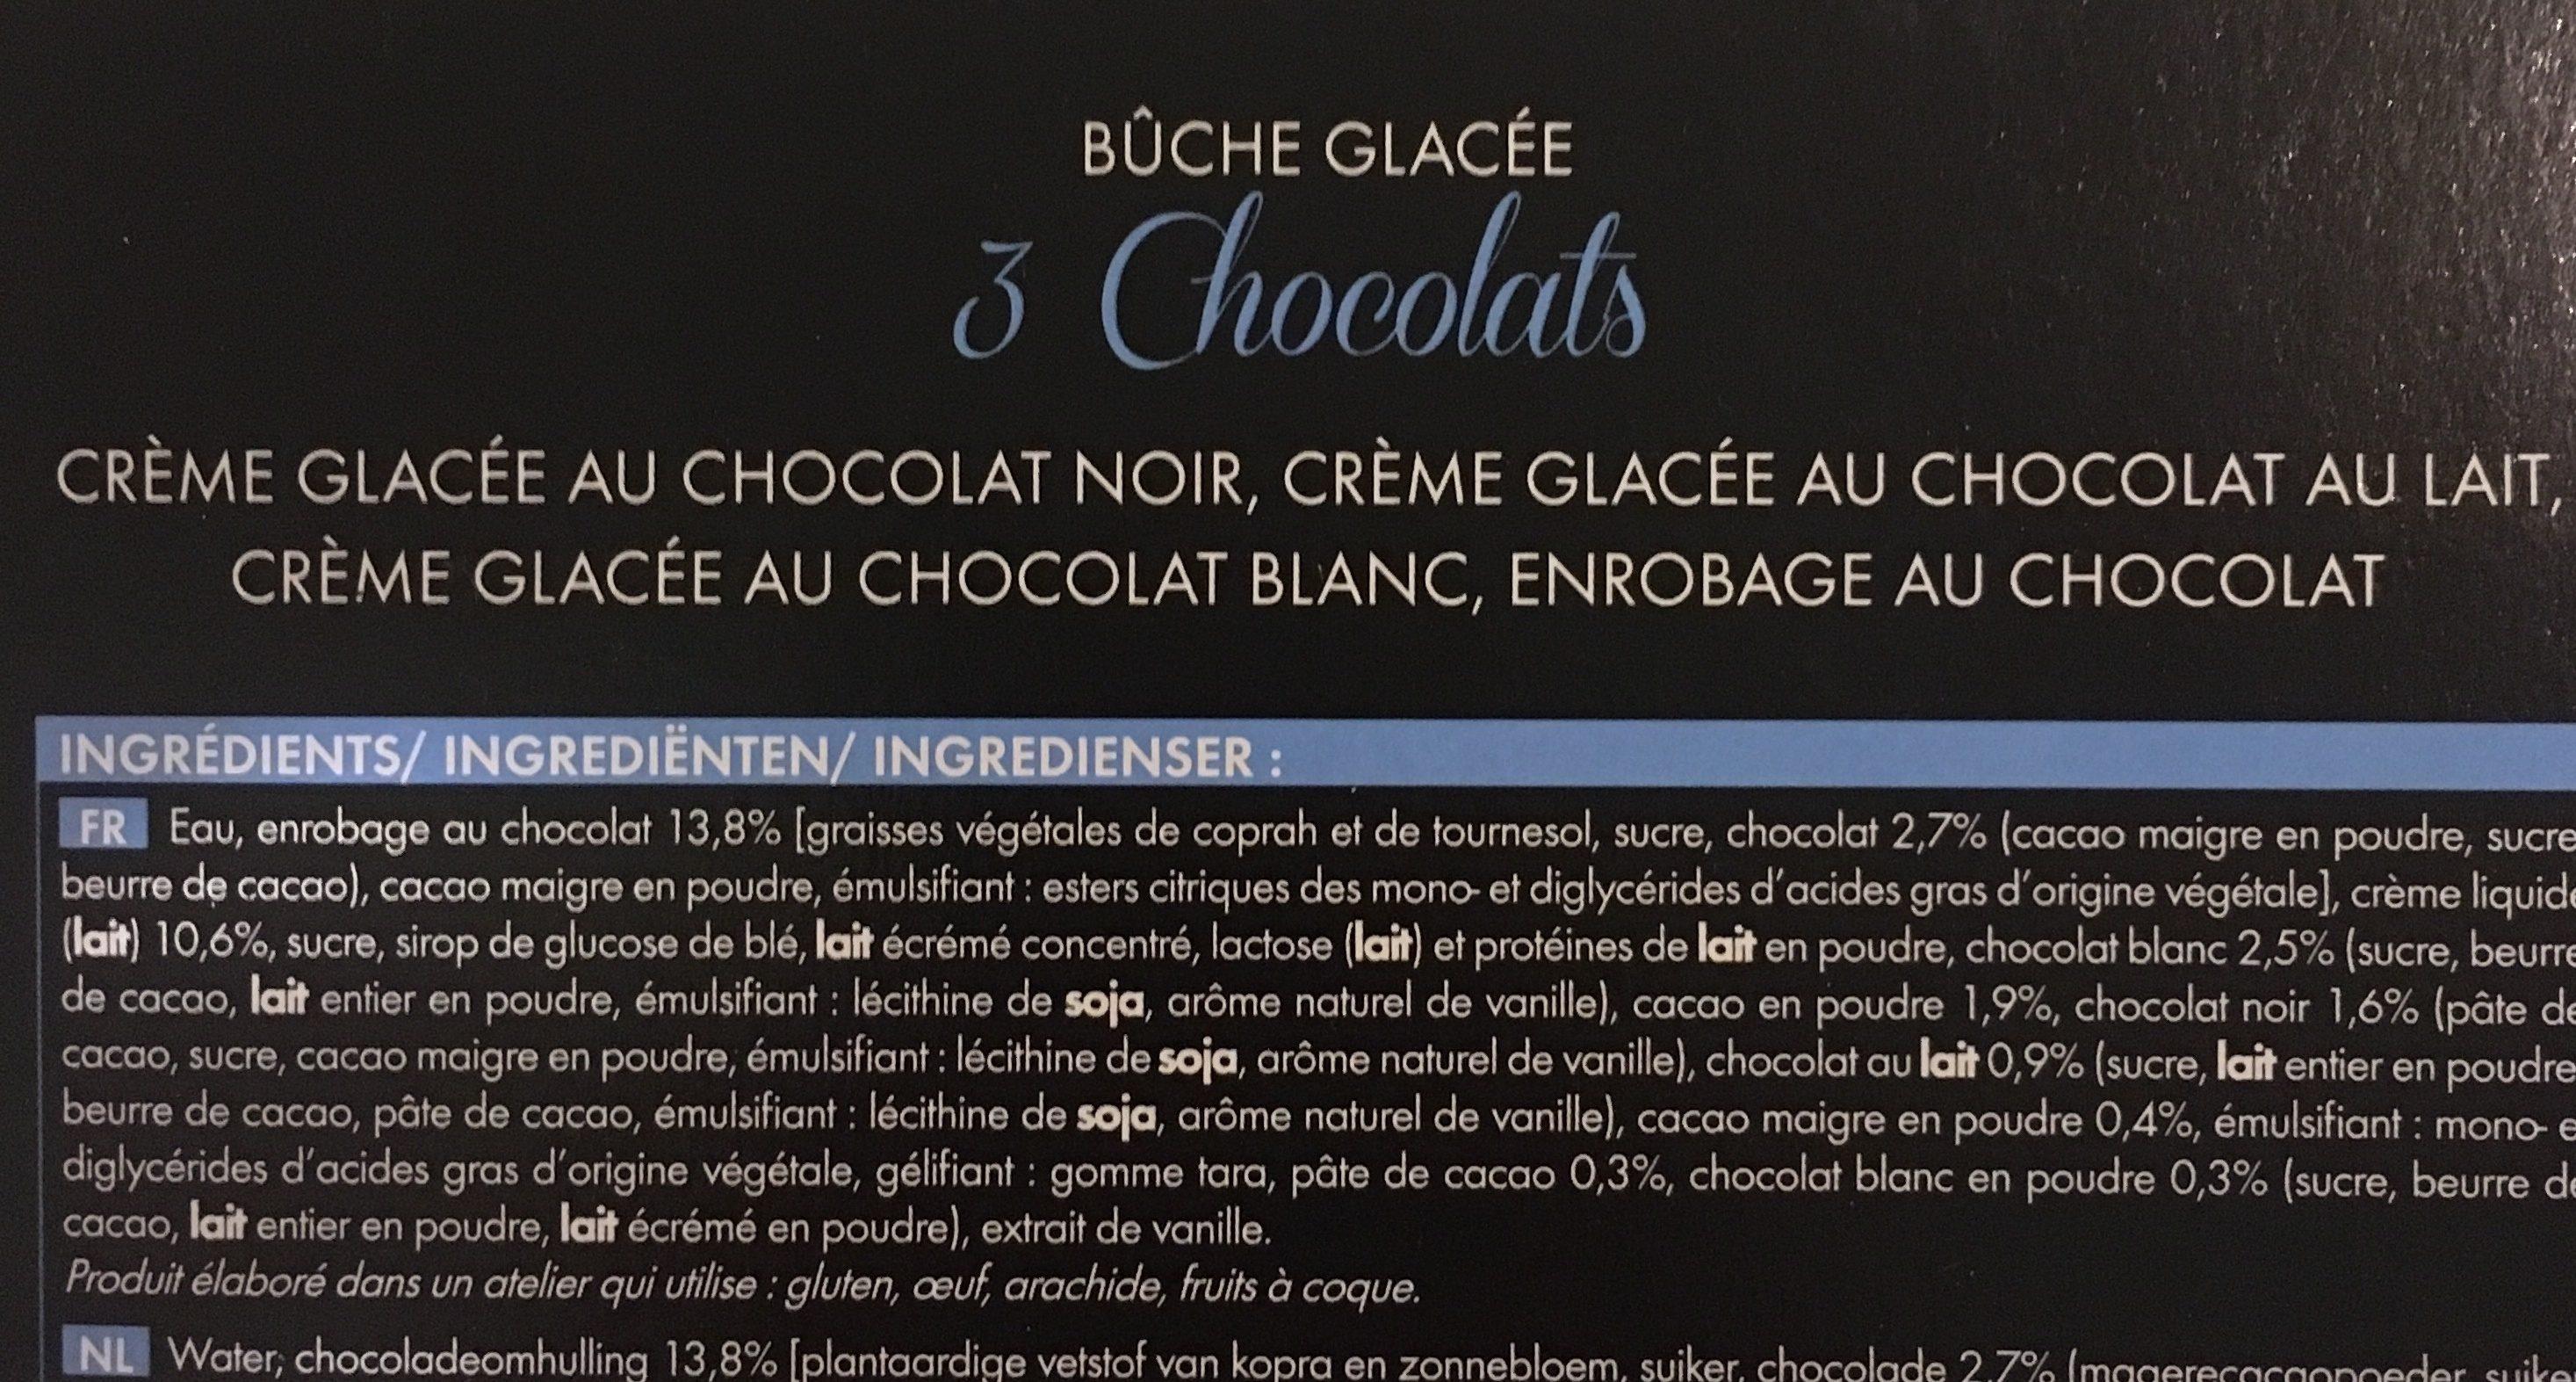 Bûche 3 Chocolats - Ingrédients - fr